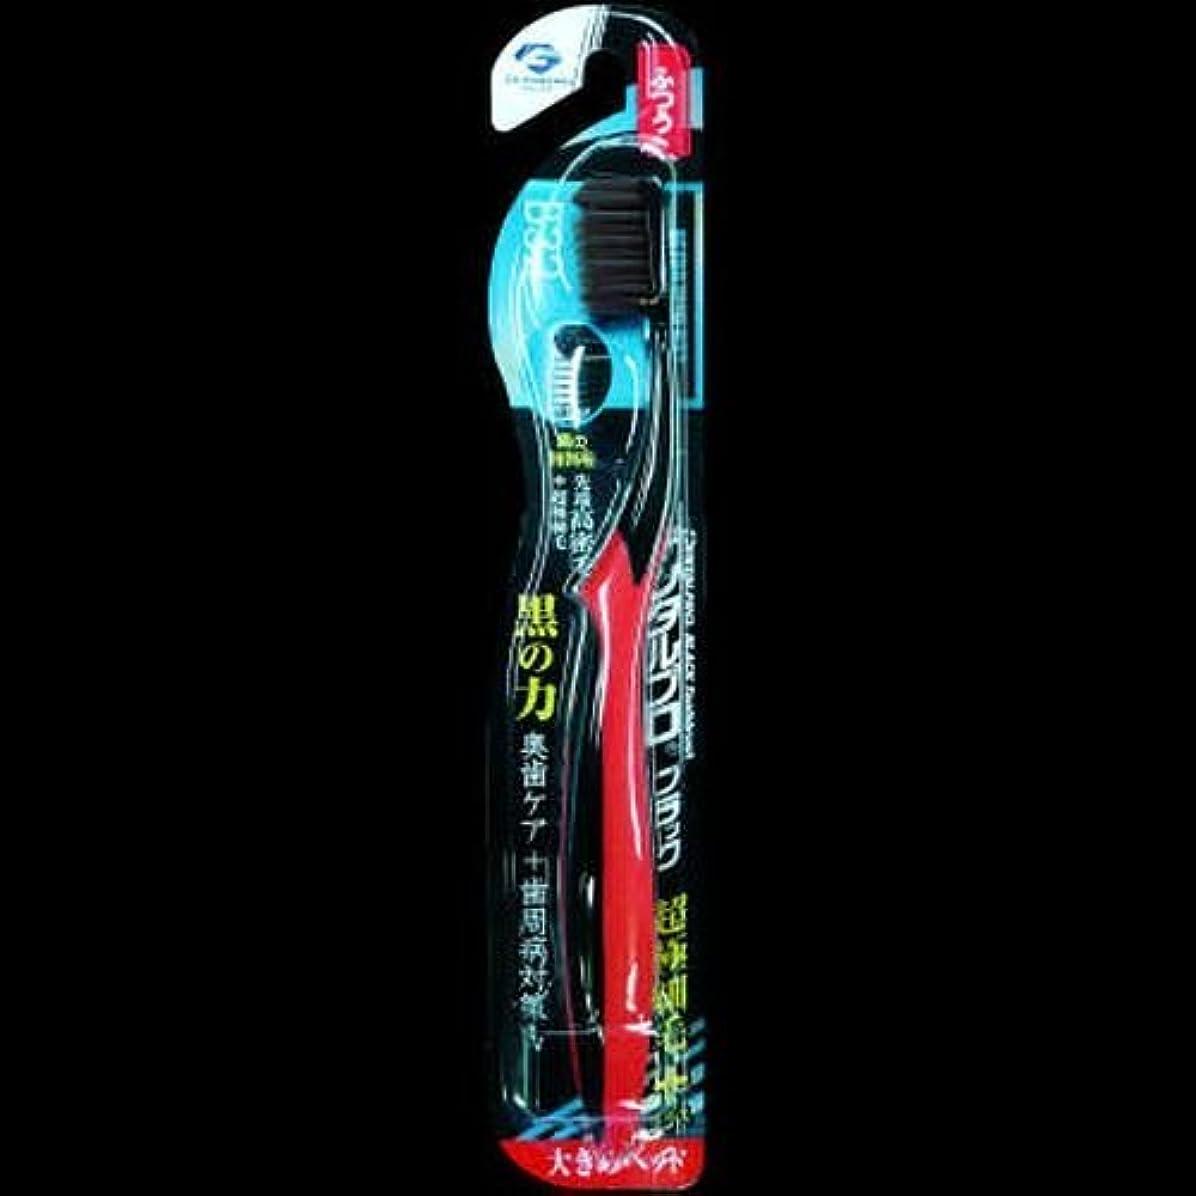 コマンド静かな食堂デンタルプロ ブラック歯ブラシ 超極細毛プラス大きめヘッド ふつう ×2セット